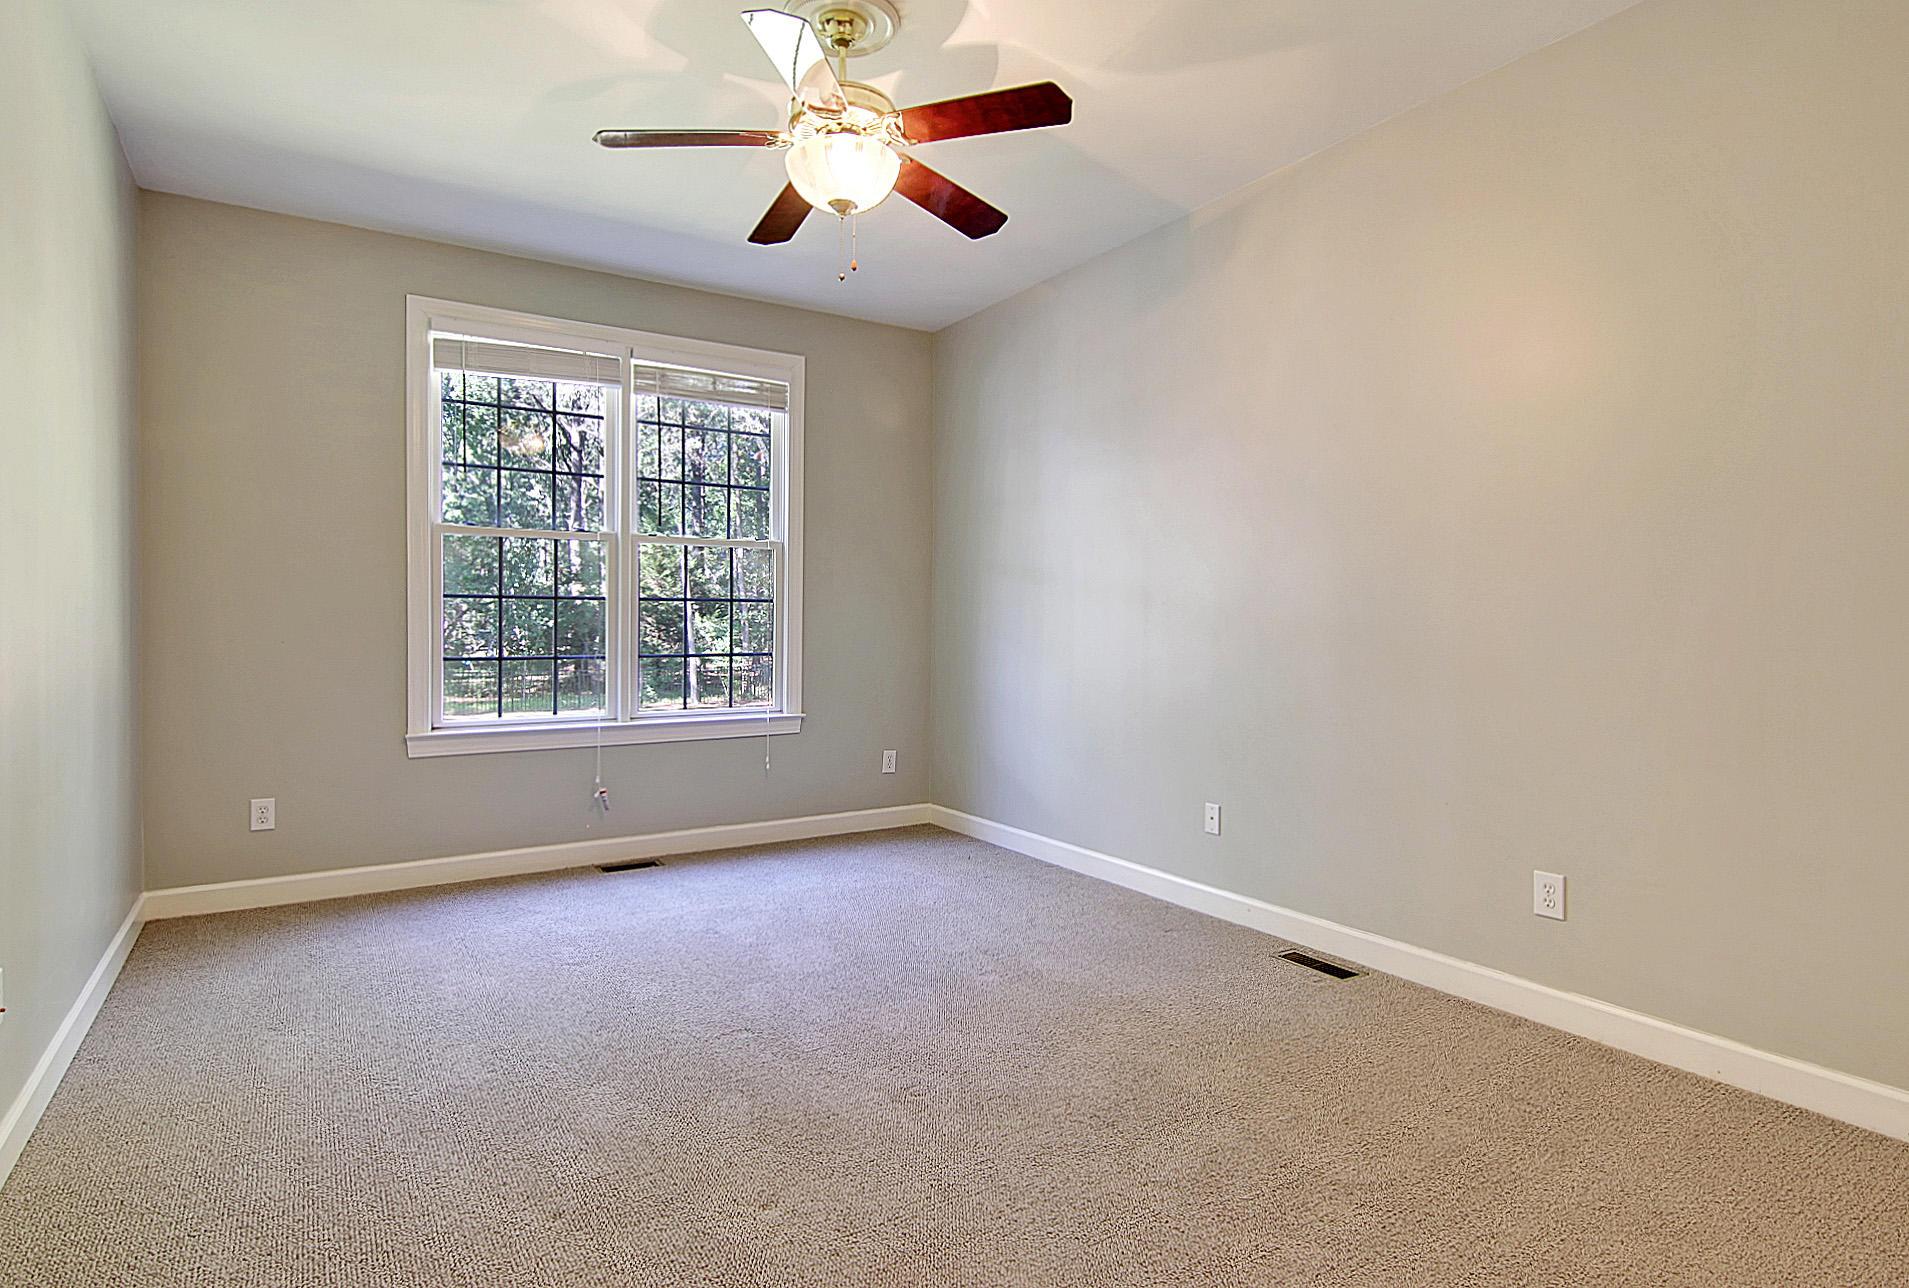 Dunes West Homes For Sale - 2236 Black Oak, Mount Pleasant, SC - 45